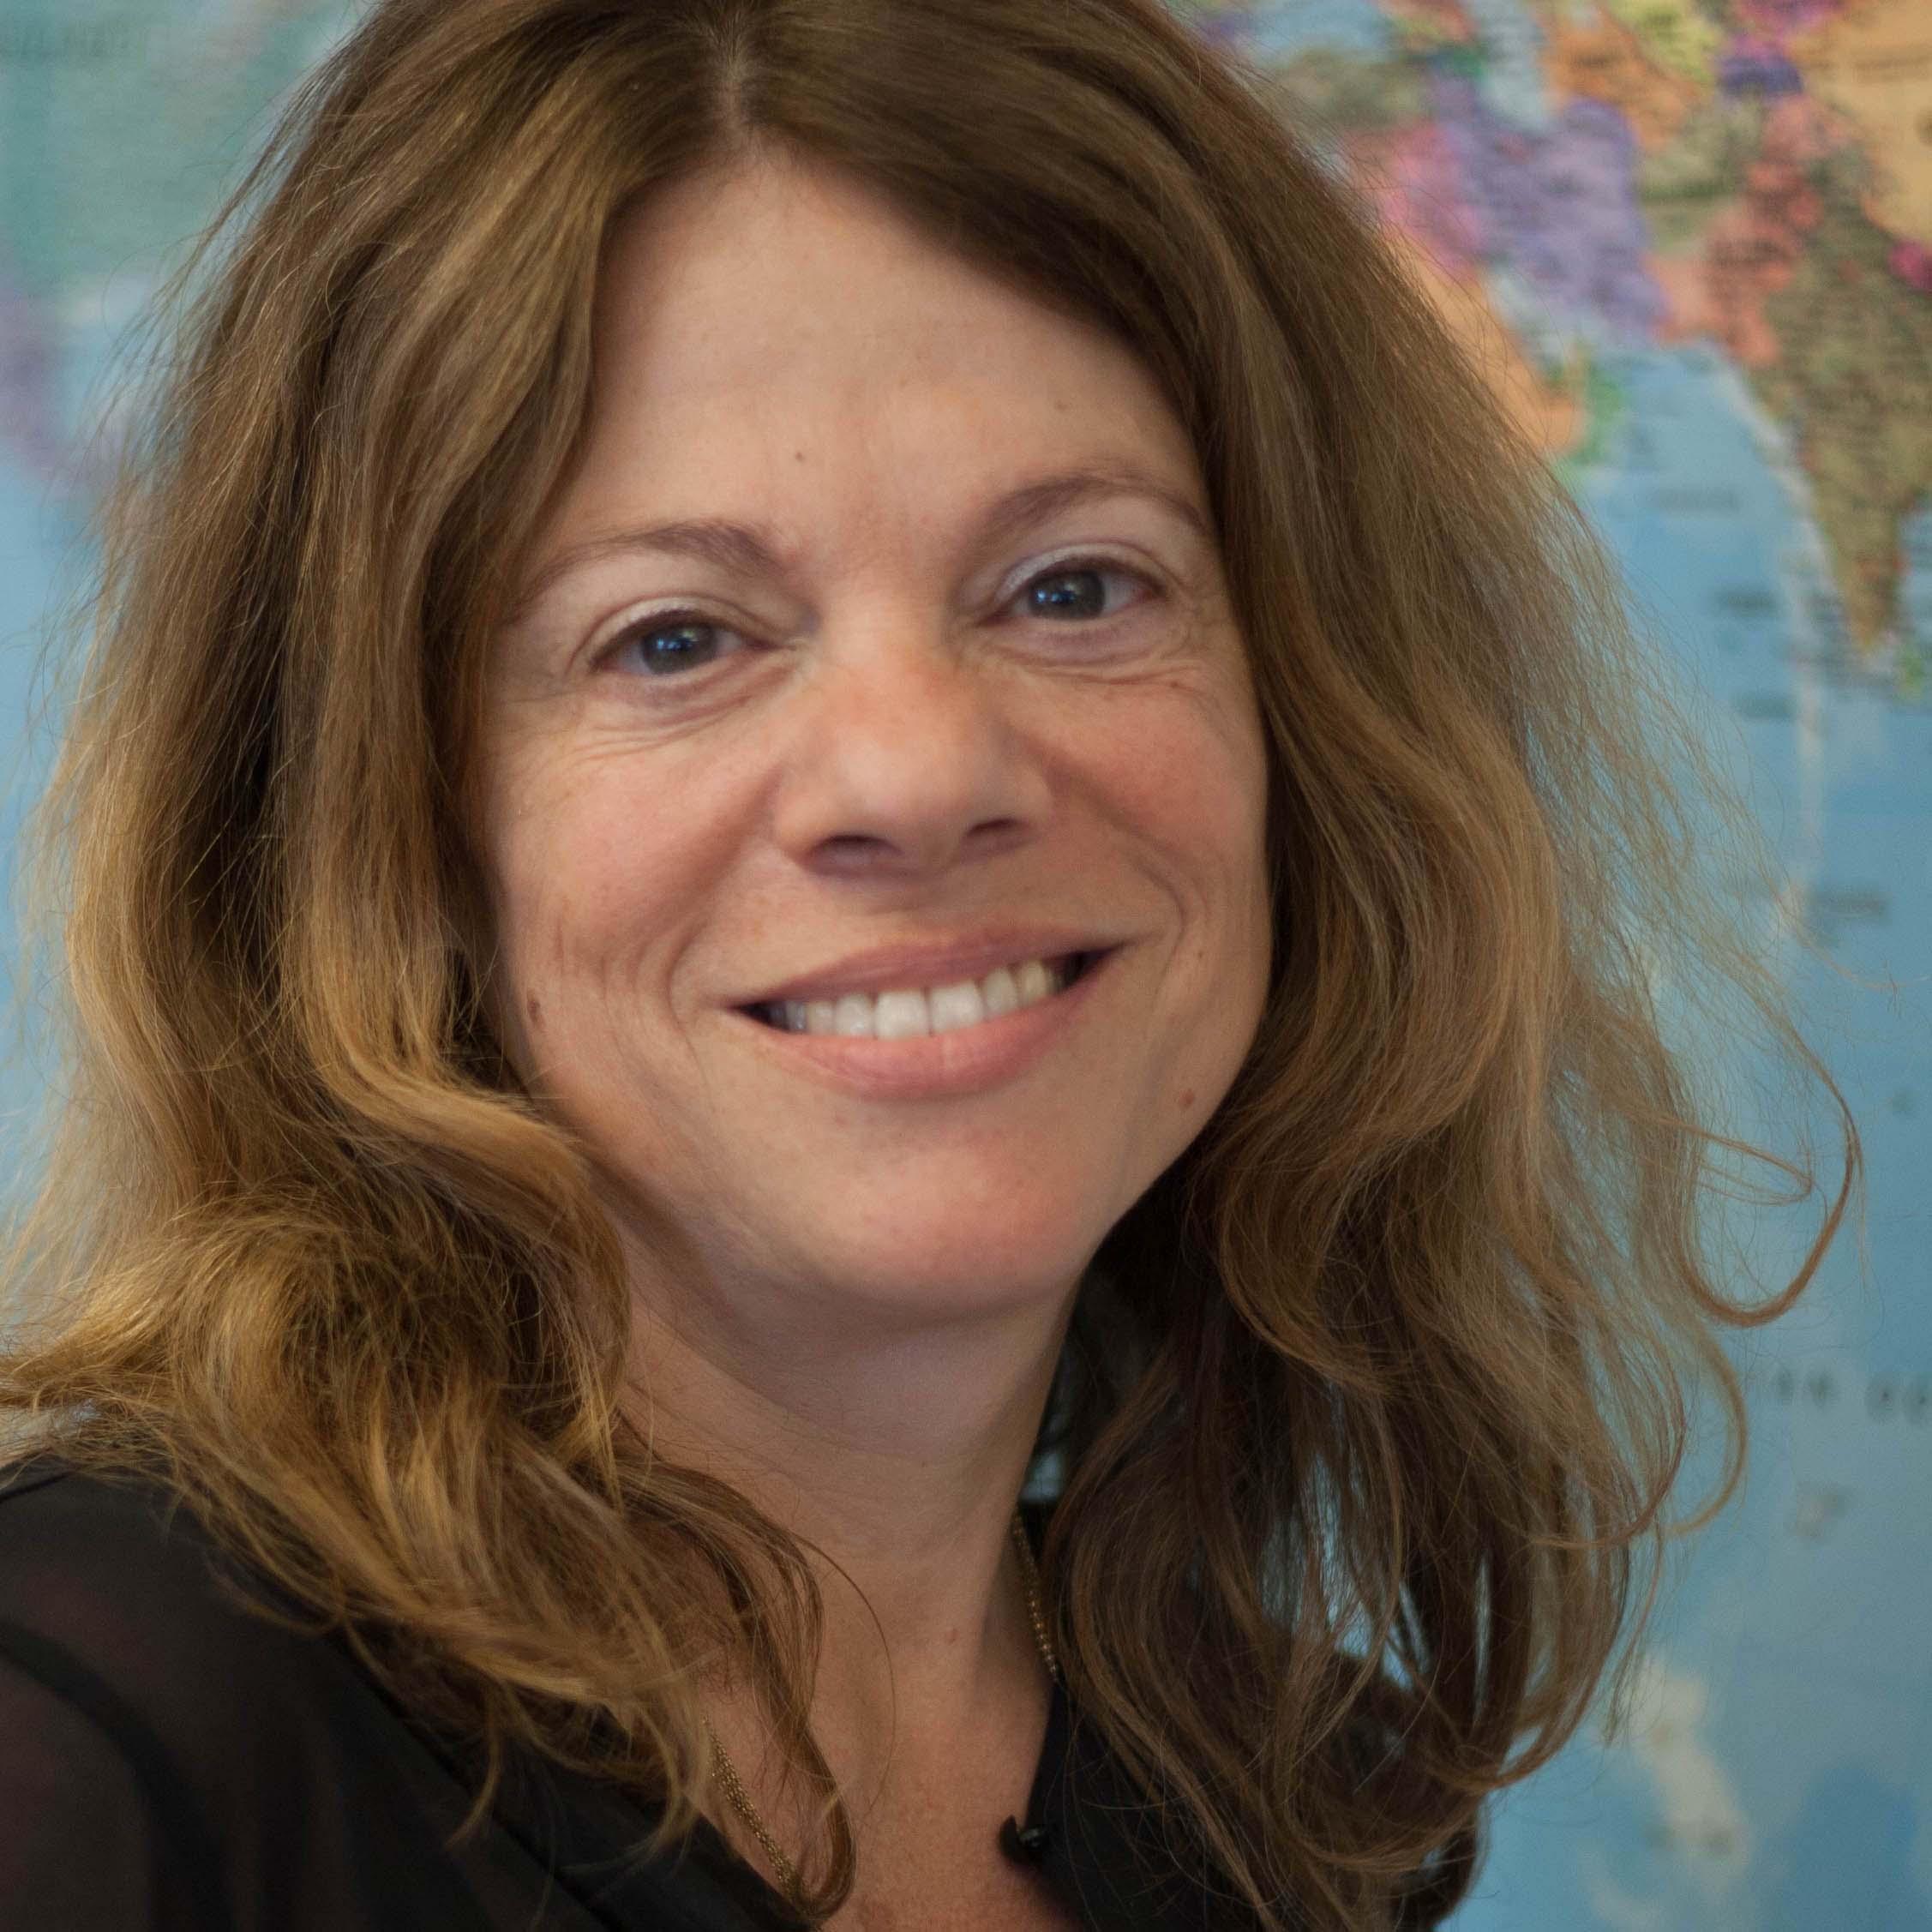 Nana Wiedemann